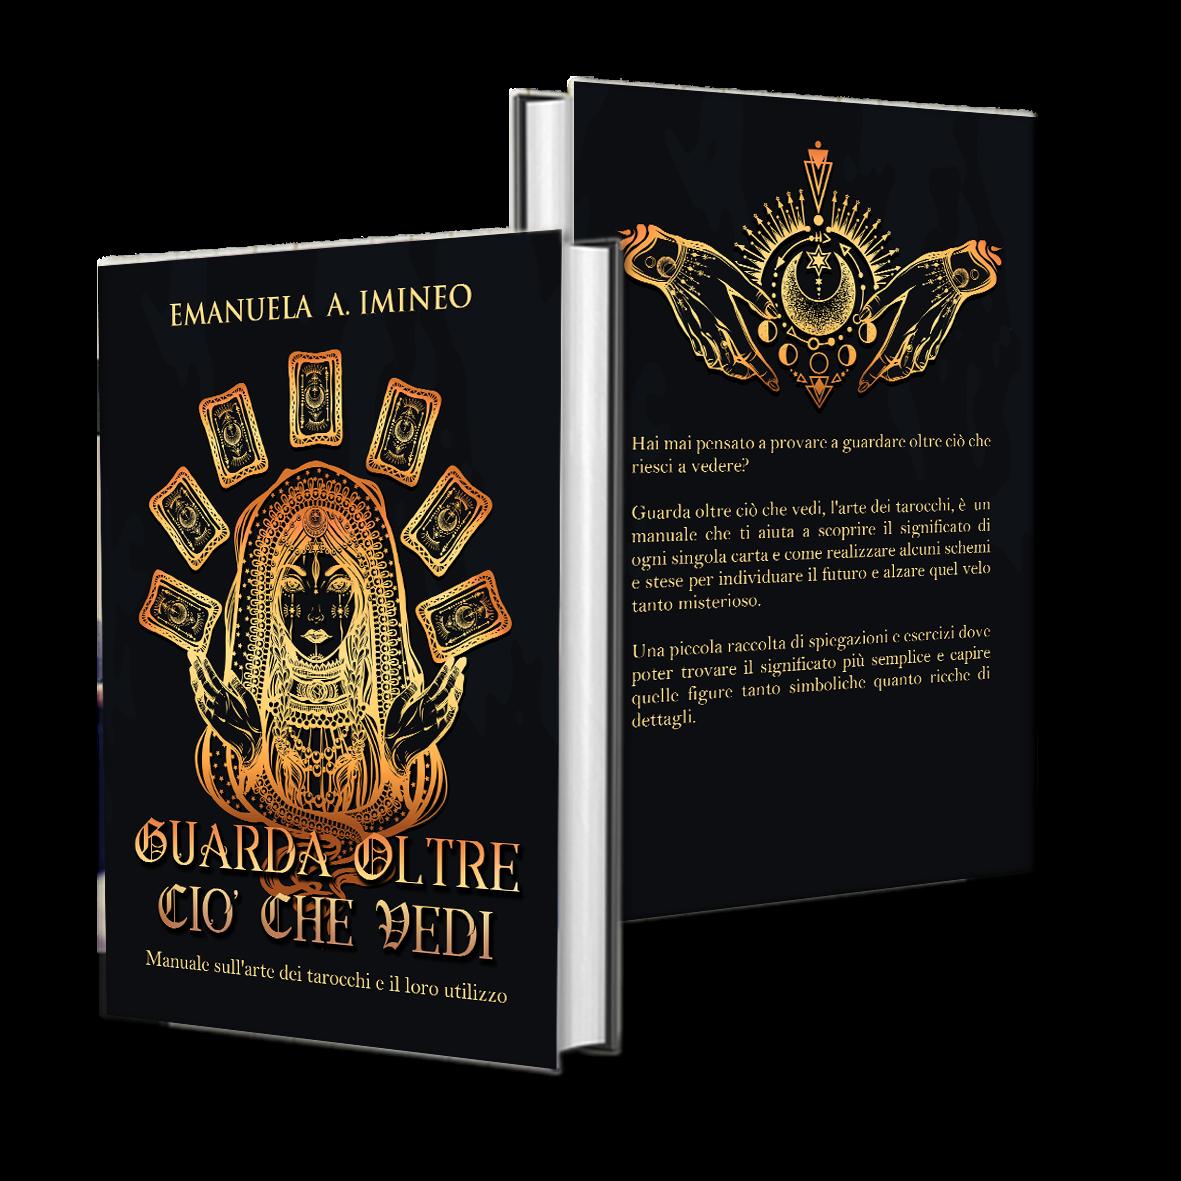 Libri di cristallo: Cover Reveal | 'Guarda oltre ciò che vedi' di ...